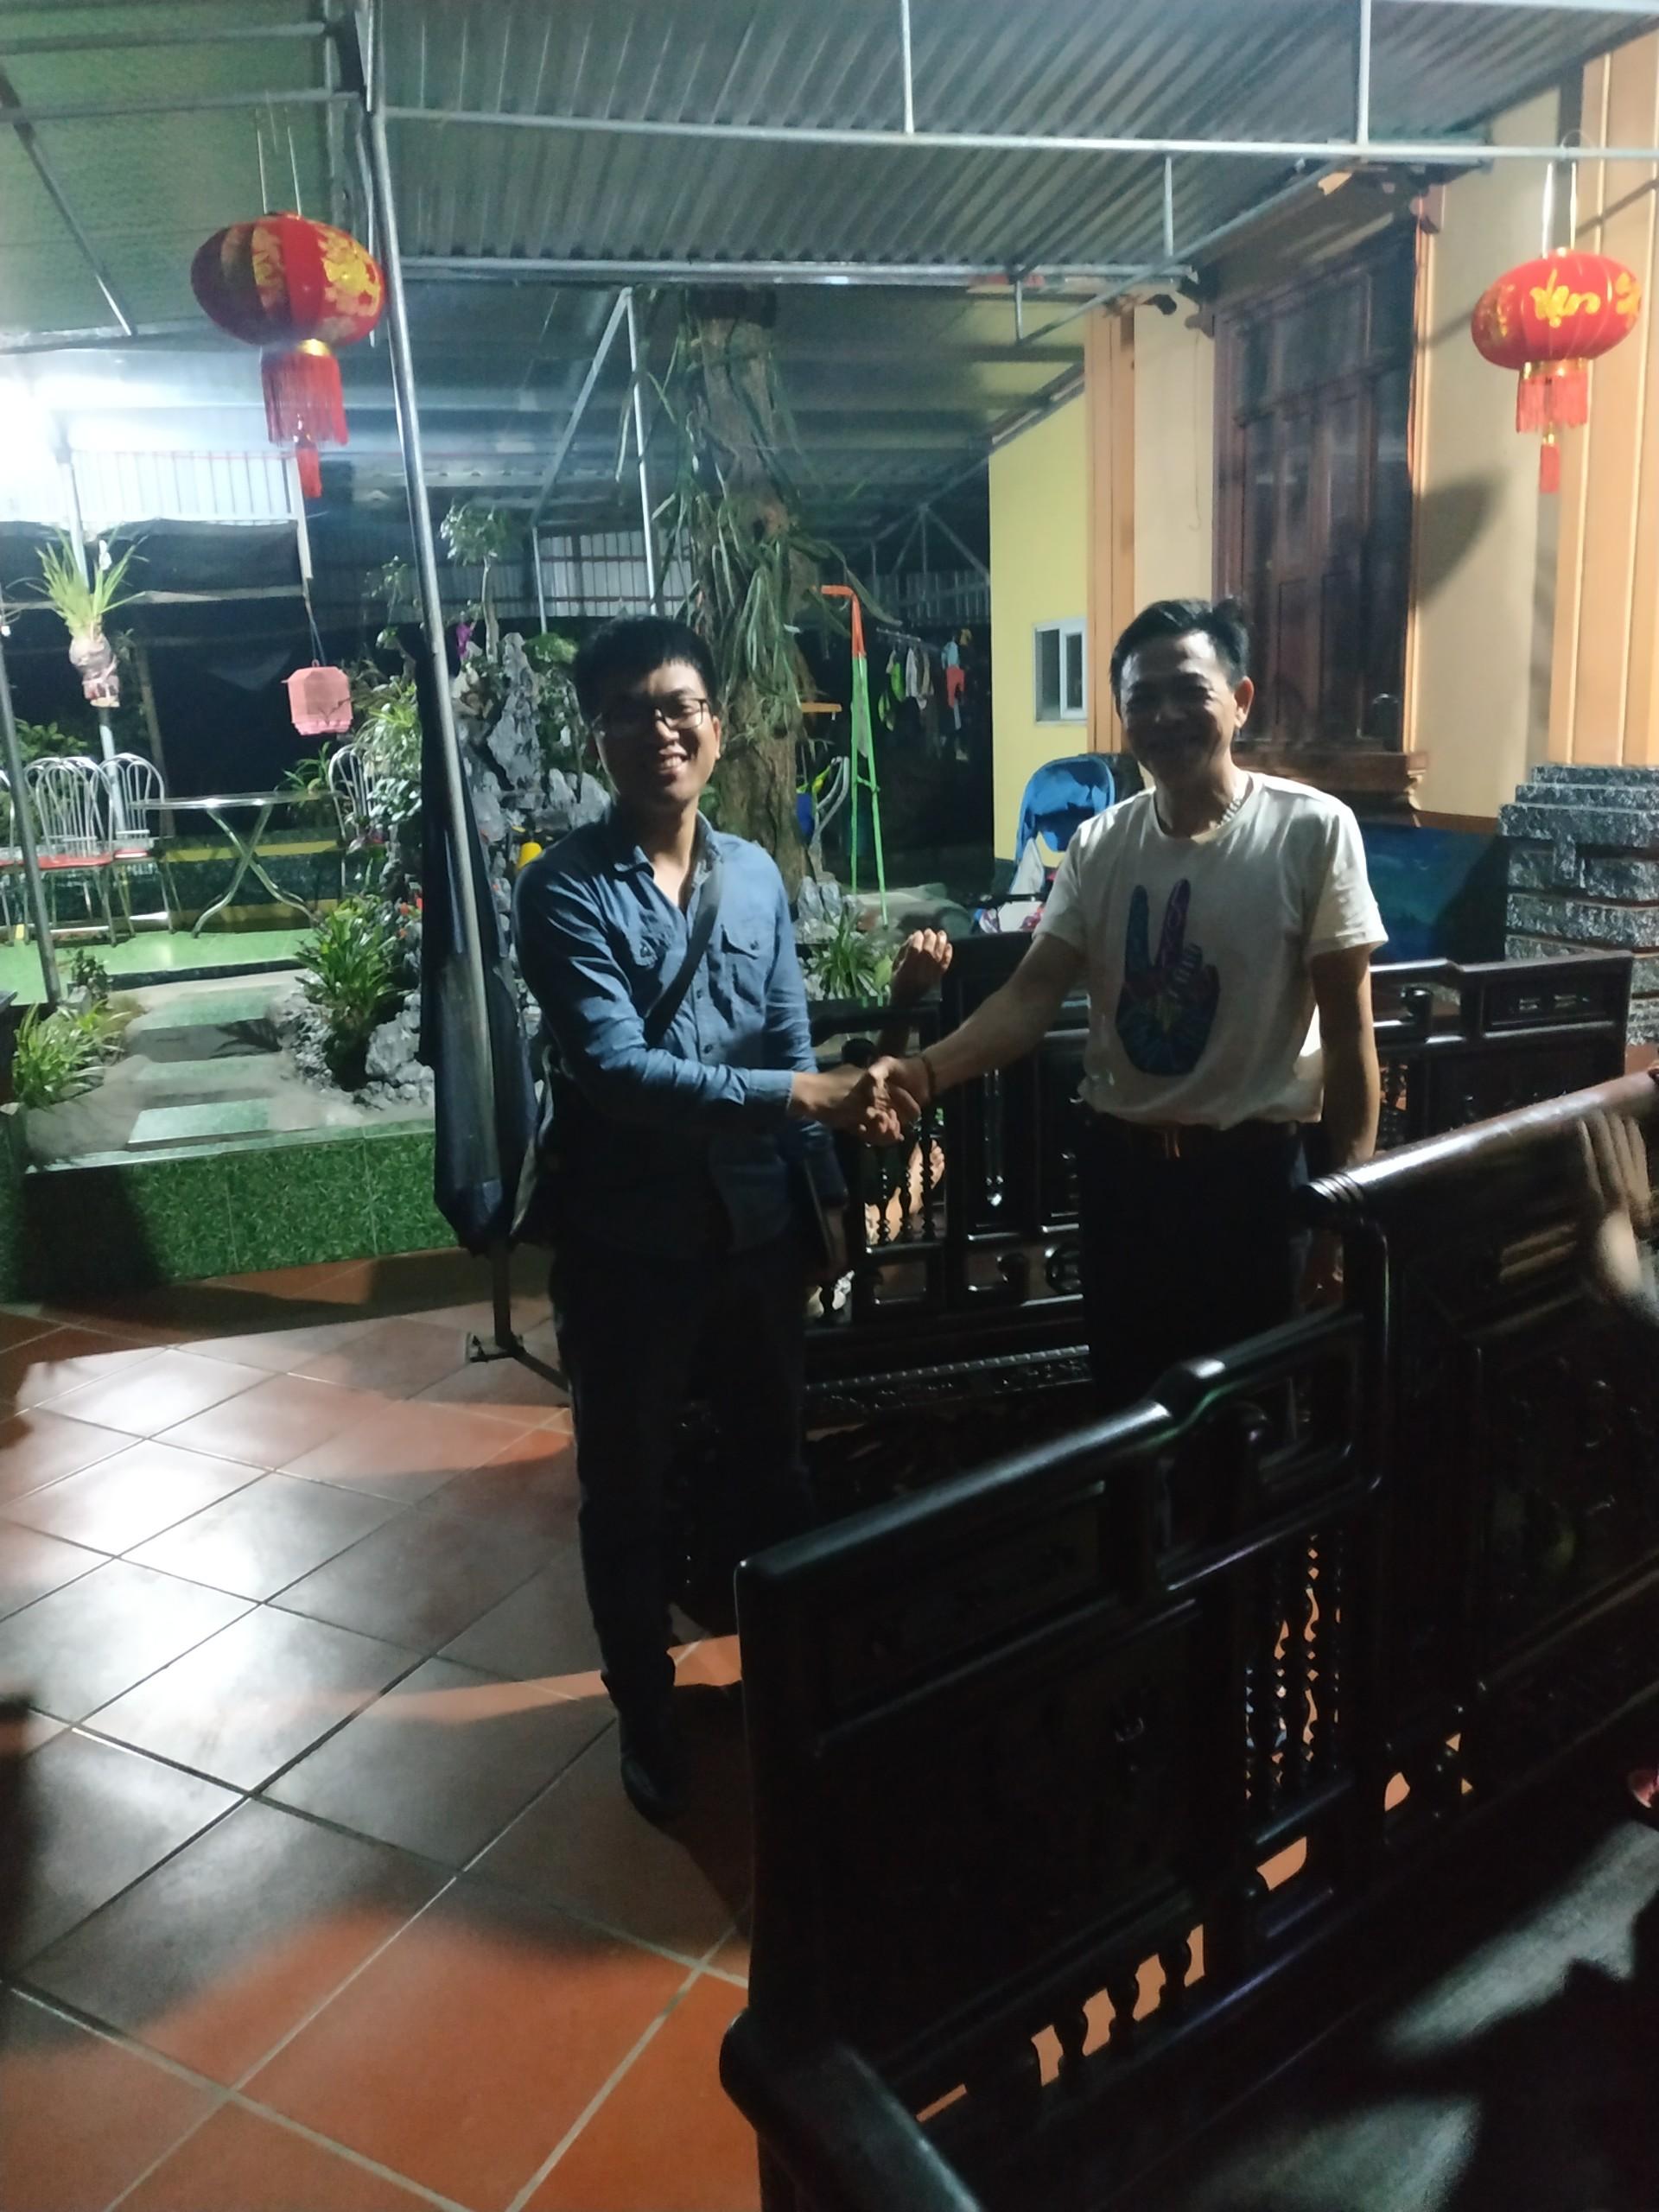 Dotinh.com giao hàng trường cổ đồ đại cho khách hàng tại Hải Dương (Ảnh: Dotinh.com)